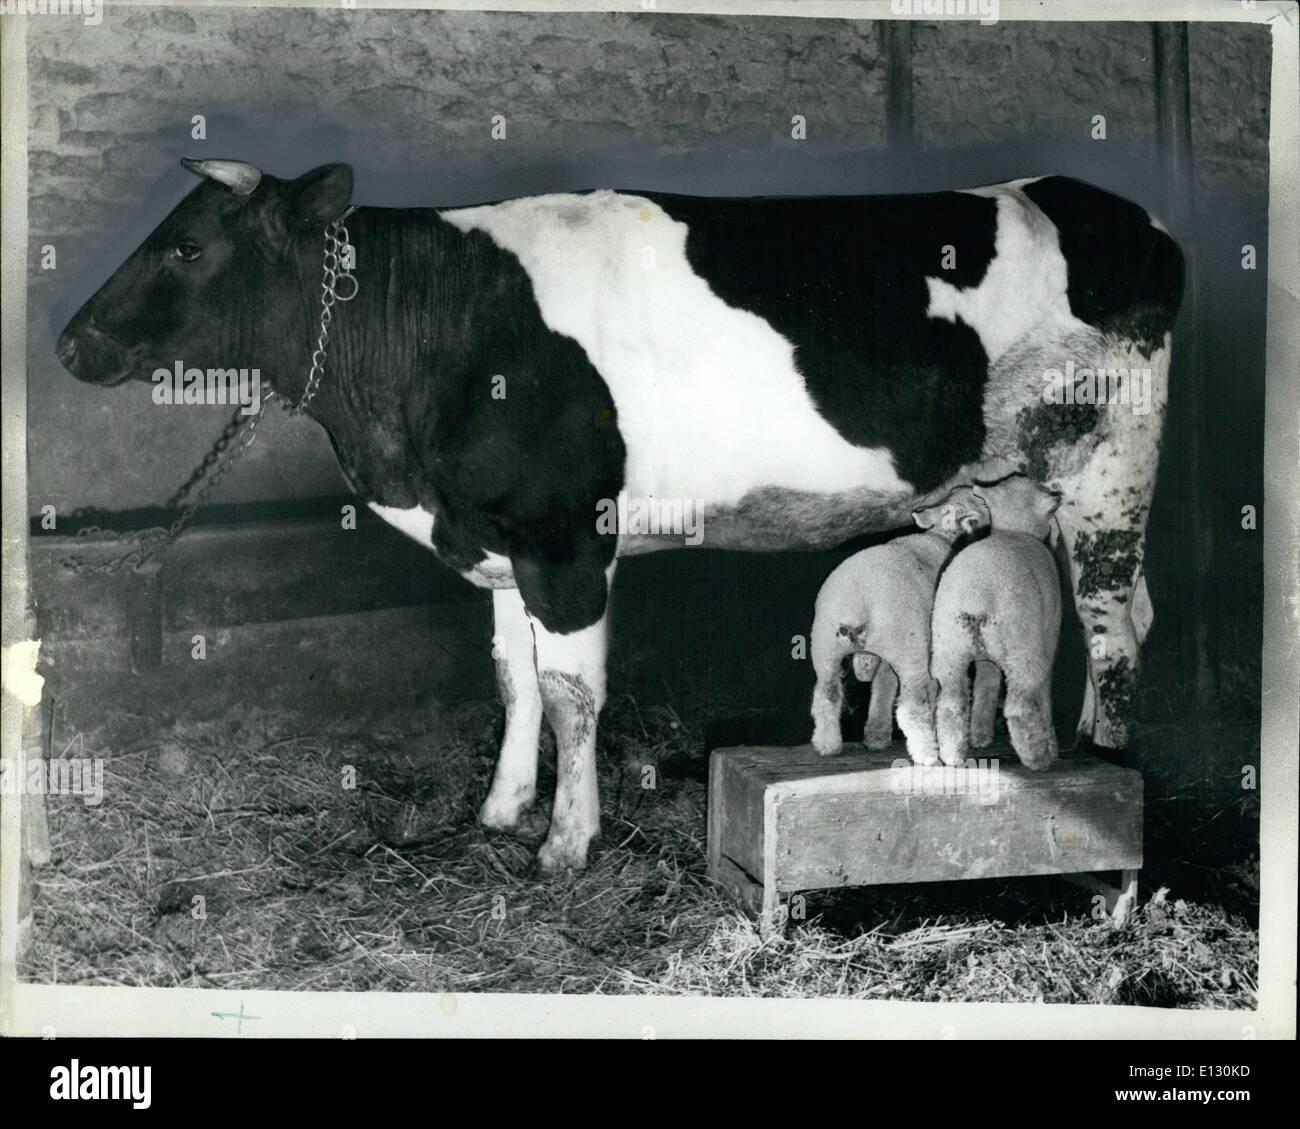 26. Februar 2012 - Kuh ist die Mutter Lämmer: zwei Lämmer, vor kurzem auf einem Bauernhof bei Allaire (Morbihan), Frankreich, geboren gefüttert von einer Kuh Rosett, bei ihrer Mutter, die wir nicht haben keine Milch, ein weiteres Problem stellte sich durch die Tatsache, das die Lämmer etwas klein, um waren Gendarmenmarktes erreichen ihre Nahrung. Eine Holzkiste war die Antwort. Fotoshows: Stehend auf einer Holzkiste, füttern die Lämmer von ihrer Pflegemutter. Stockbild